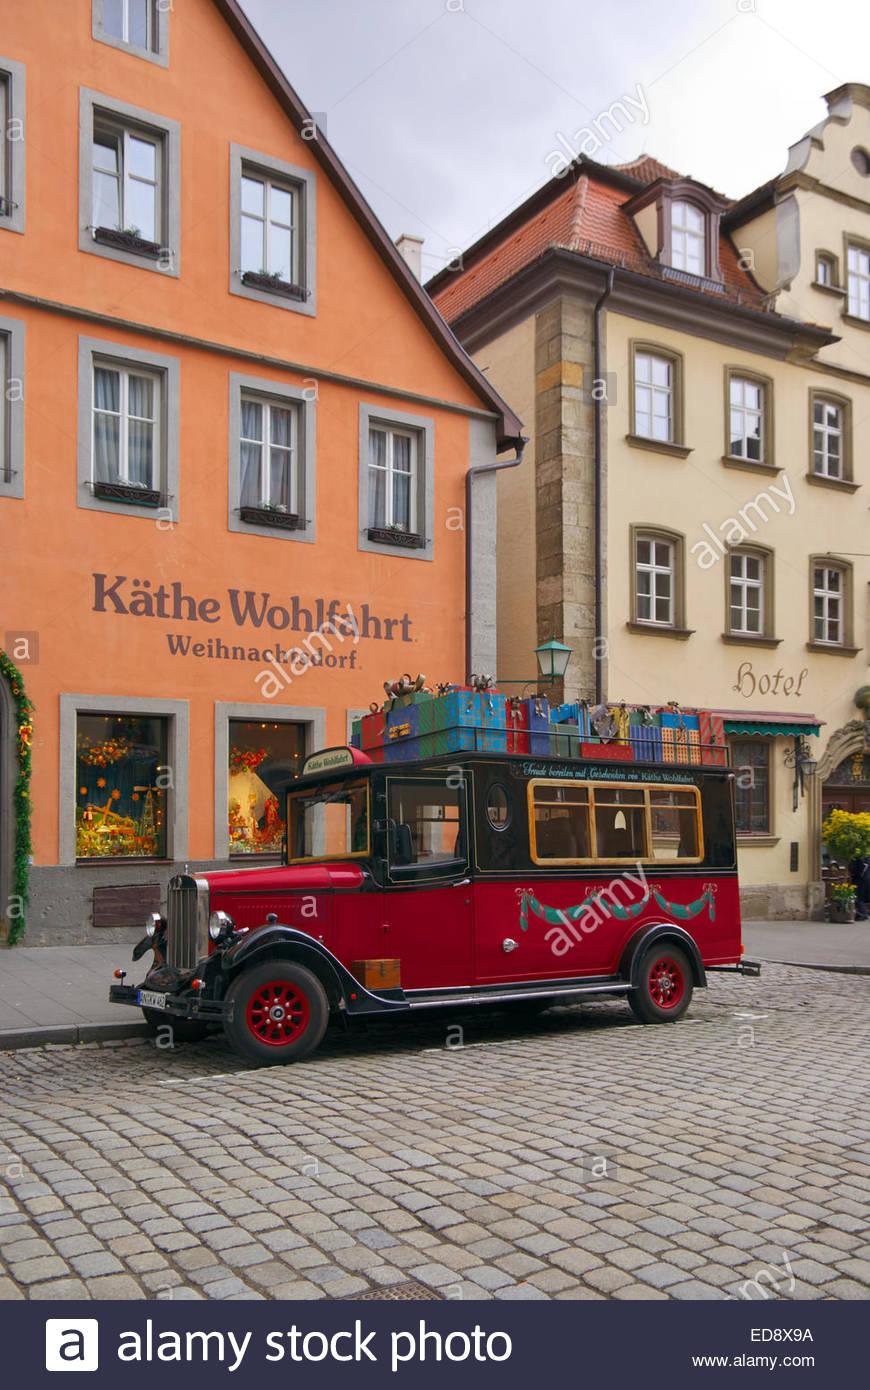 kthe-wohlfahrts-weihnachtsdorf-and-weihn